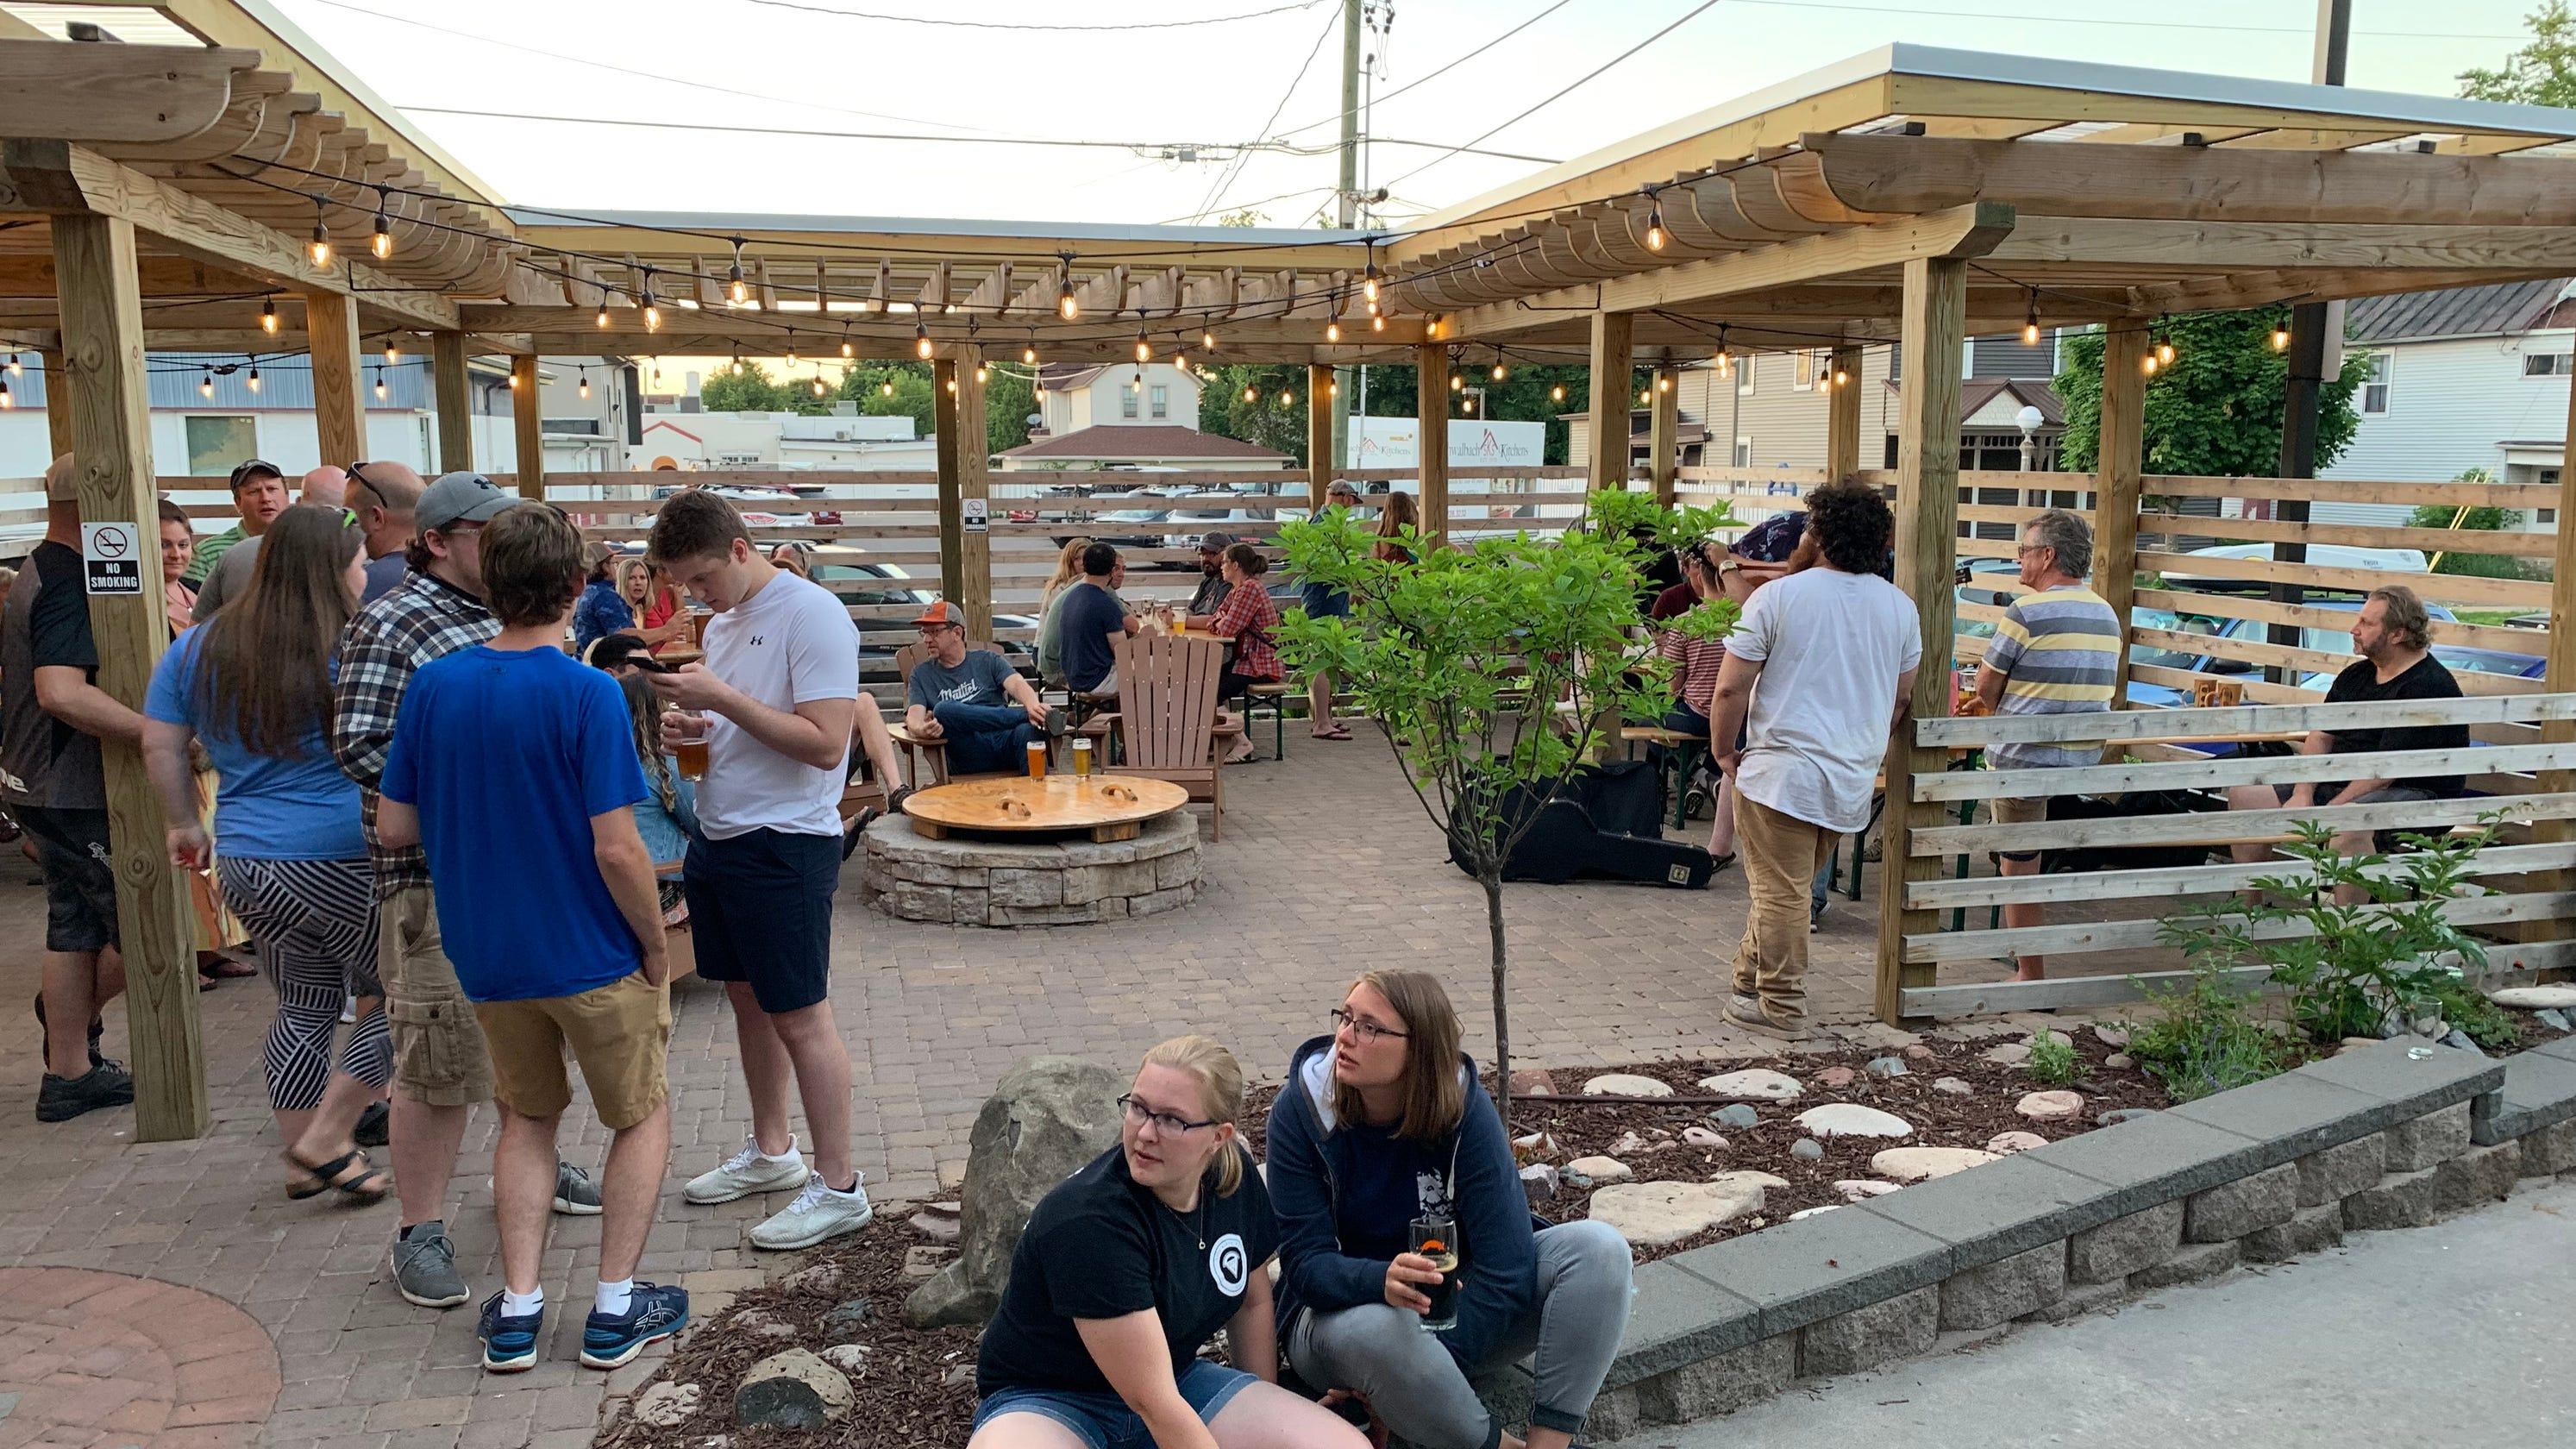 Michigan's Upper Peninsula: 7 breweries you must visit